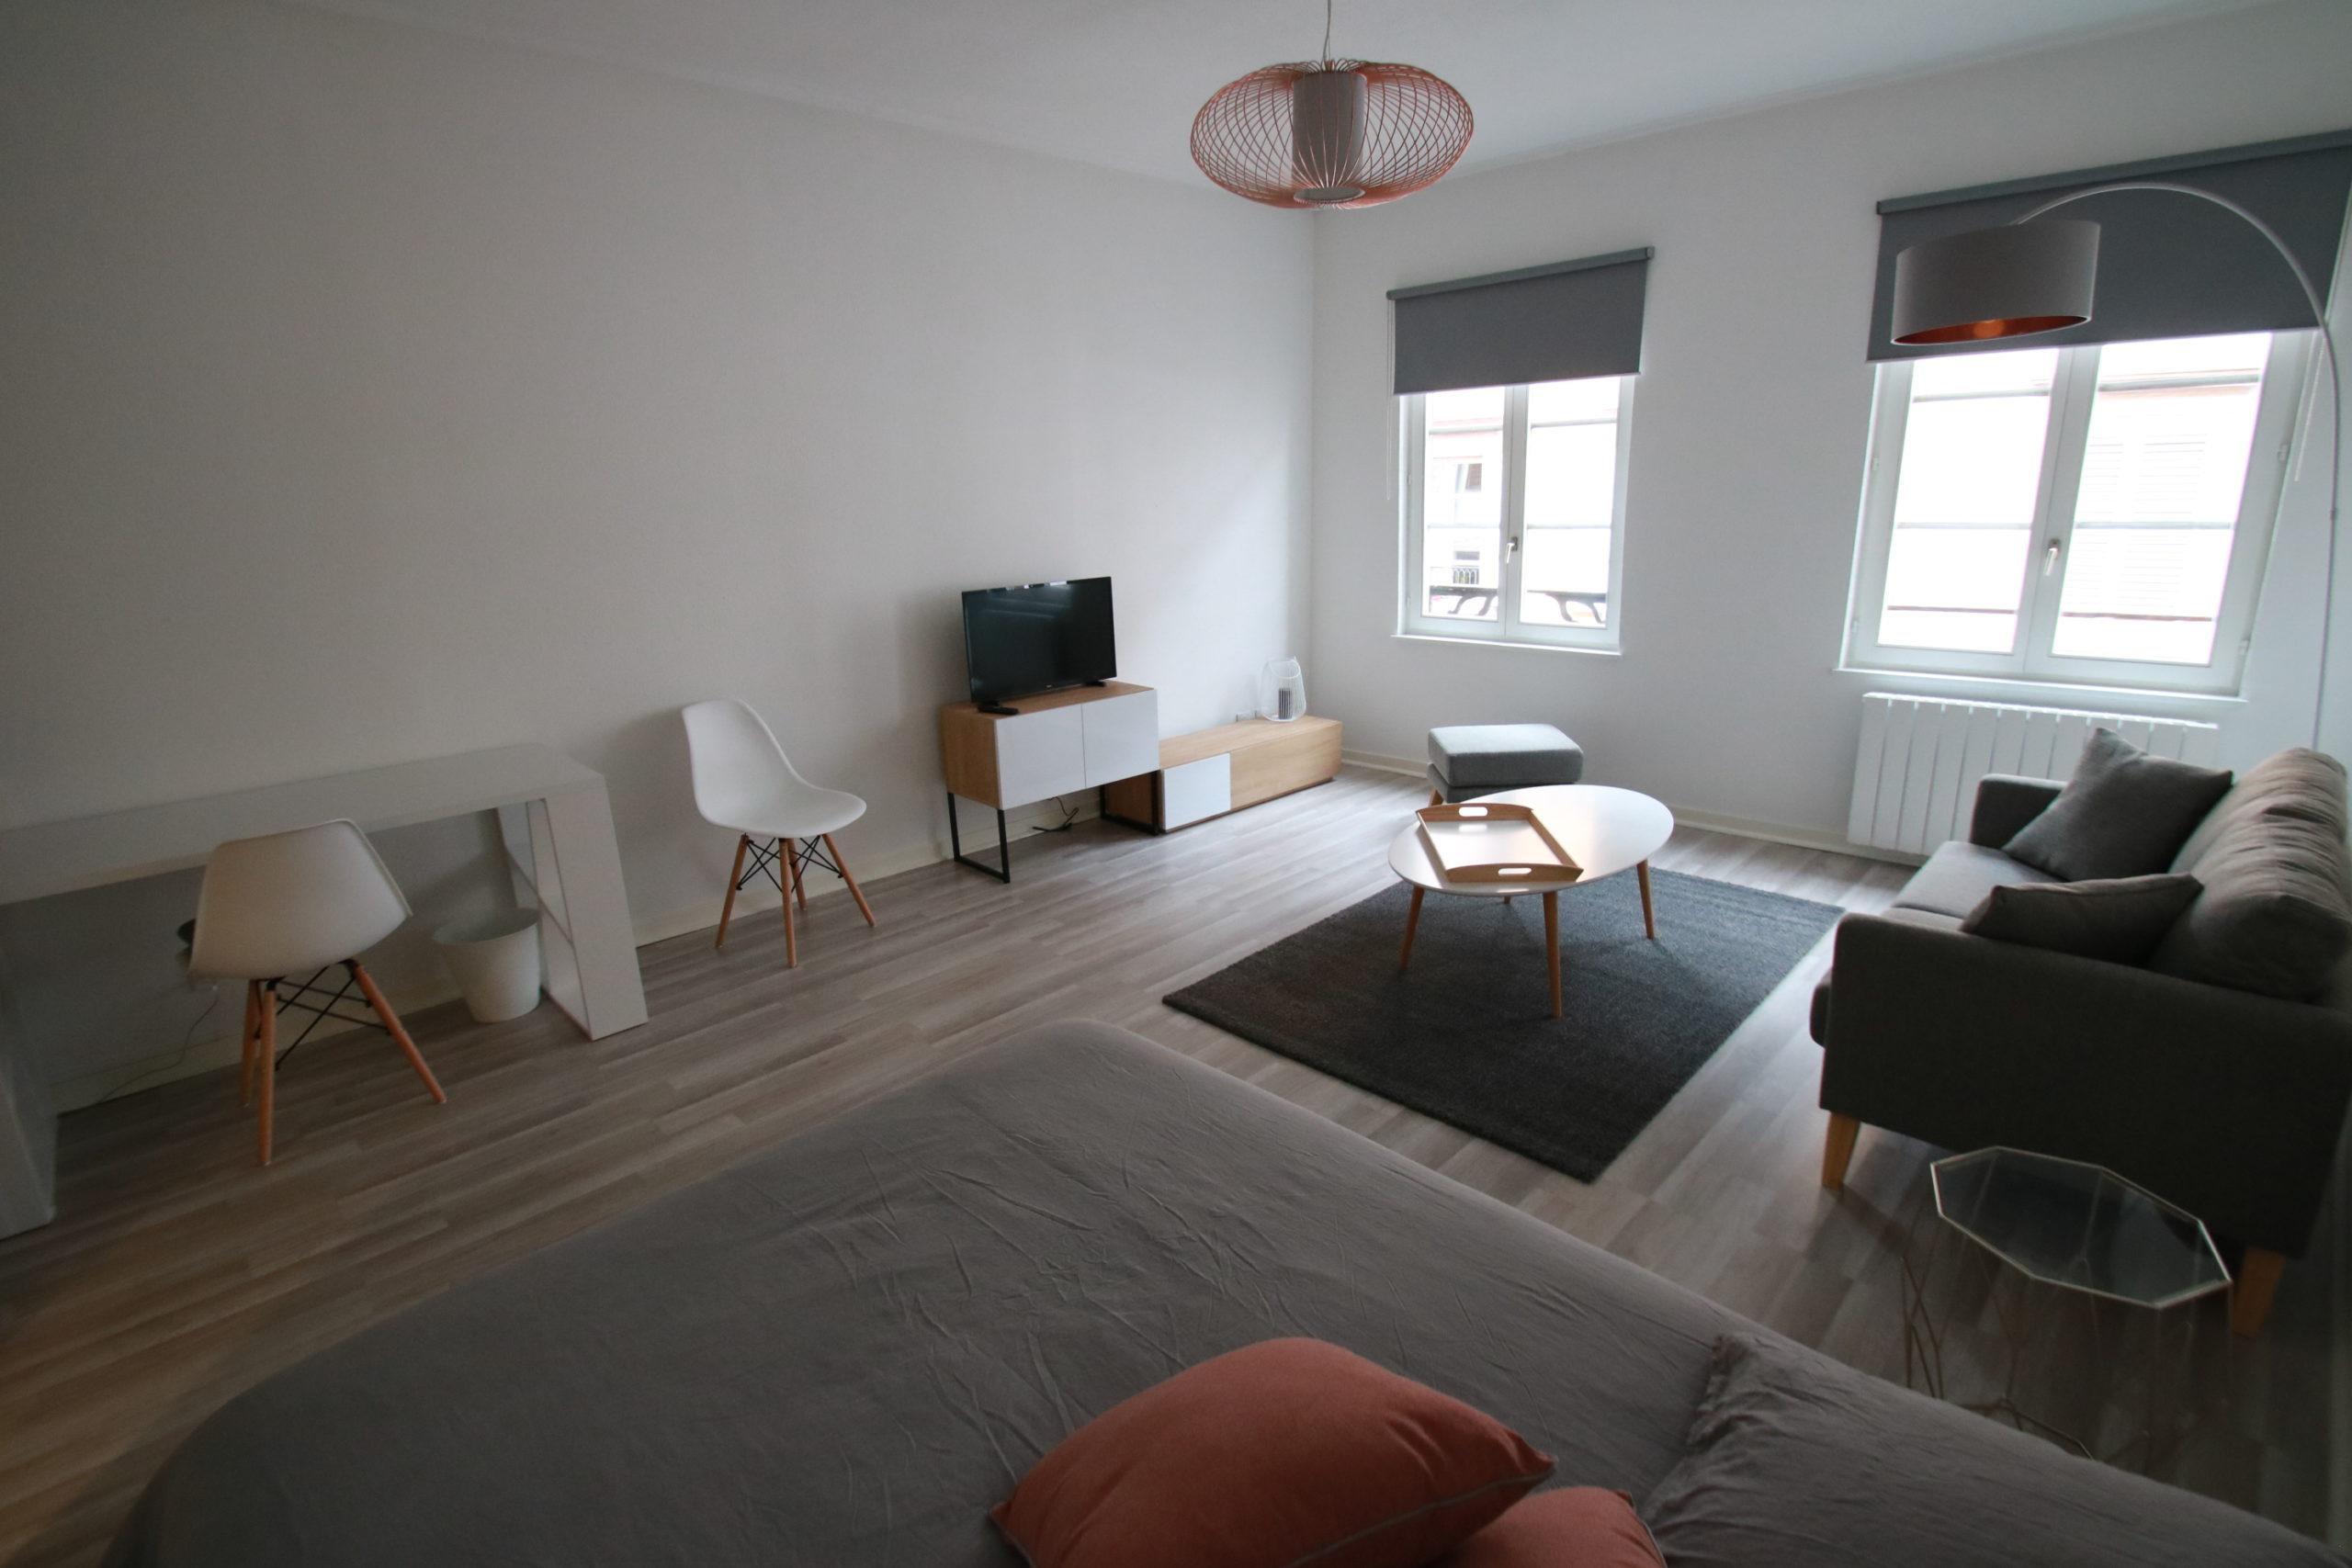 Magnifique 1 pièce 35.2m² meublé en hyper centre de Strasbourg